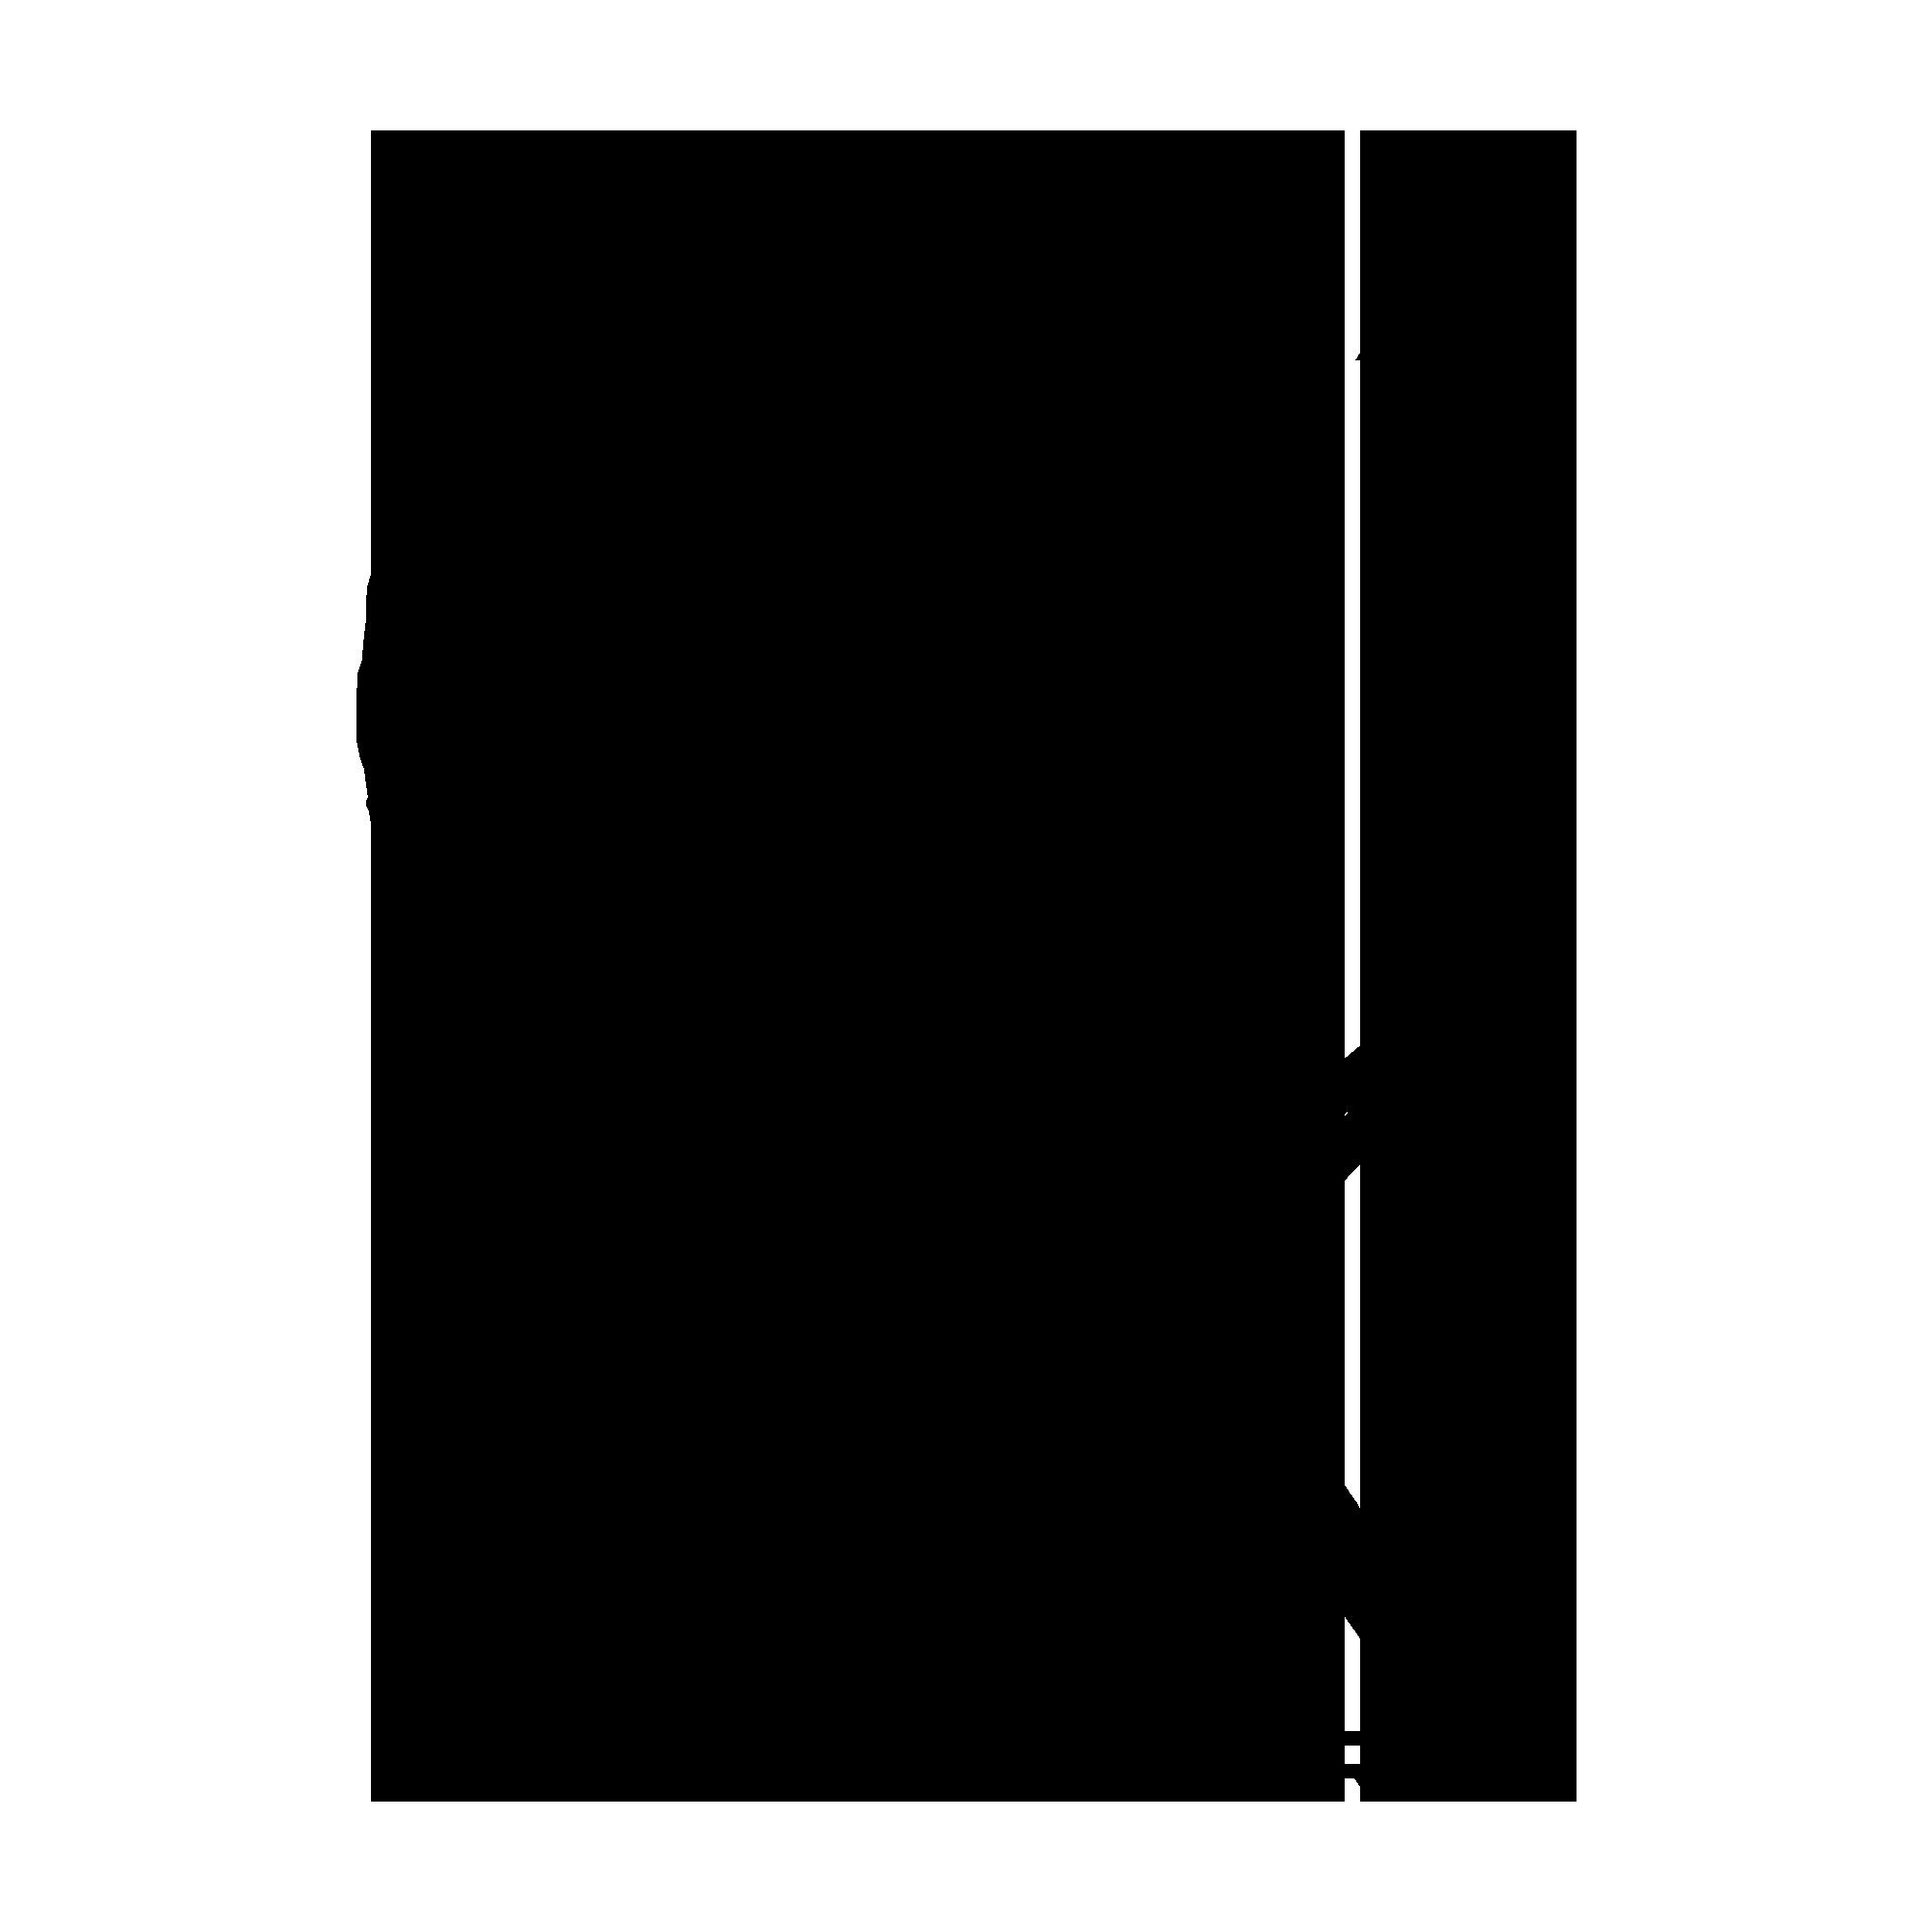 Logo de la région de Bourgogne-Franche-Comté